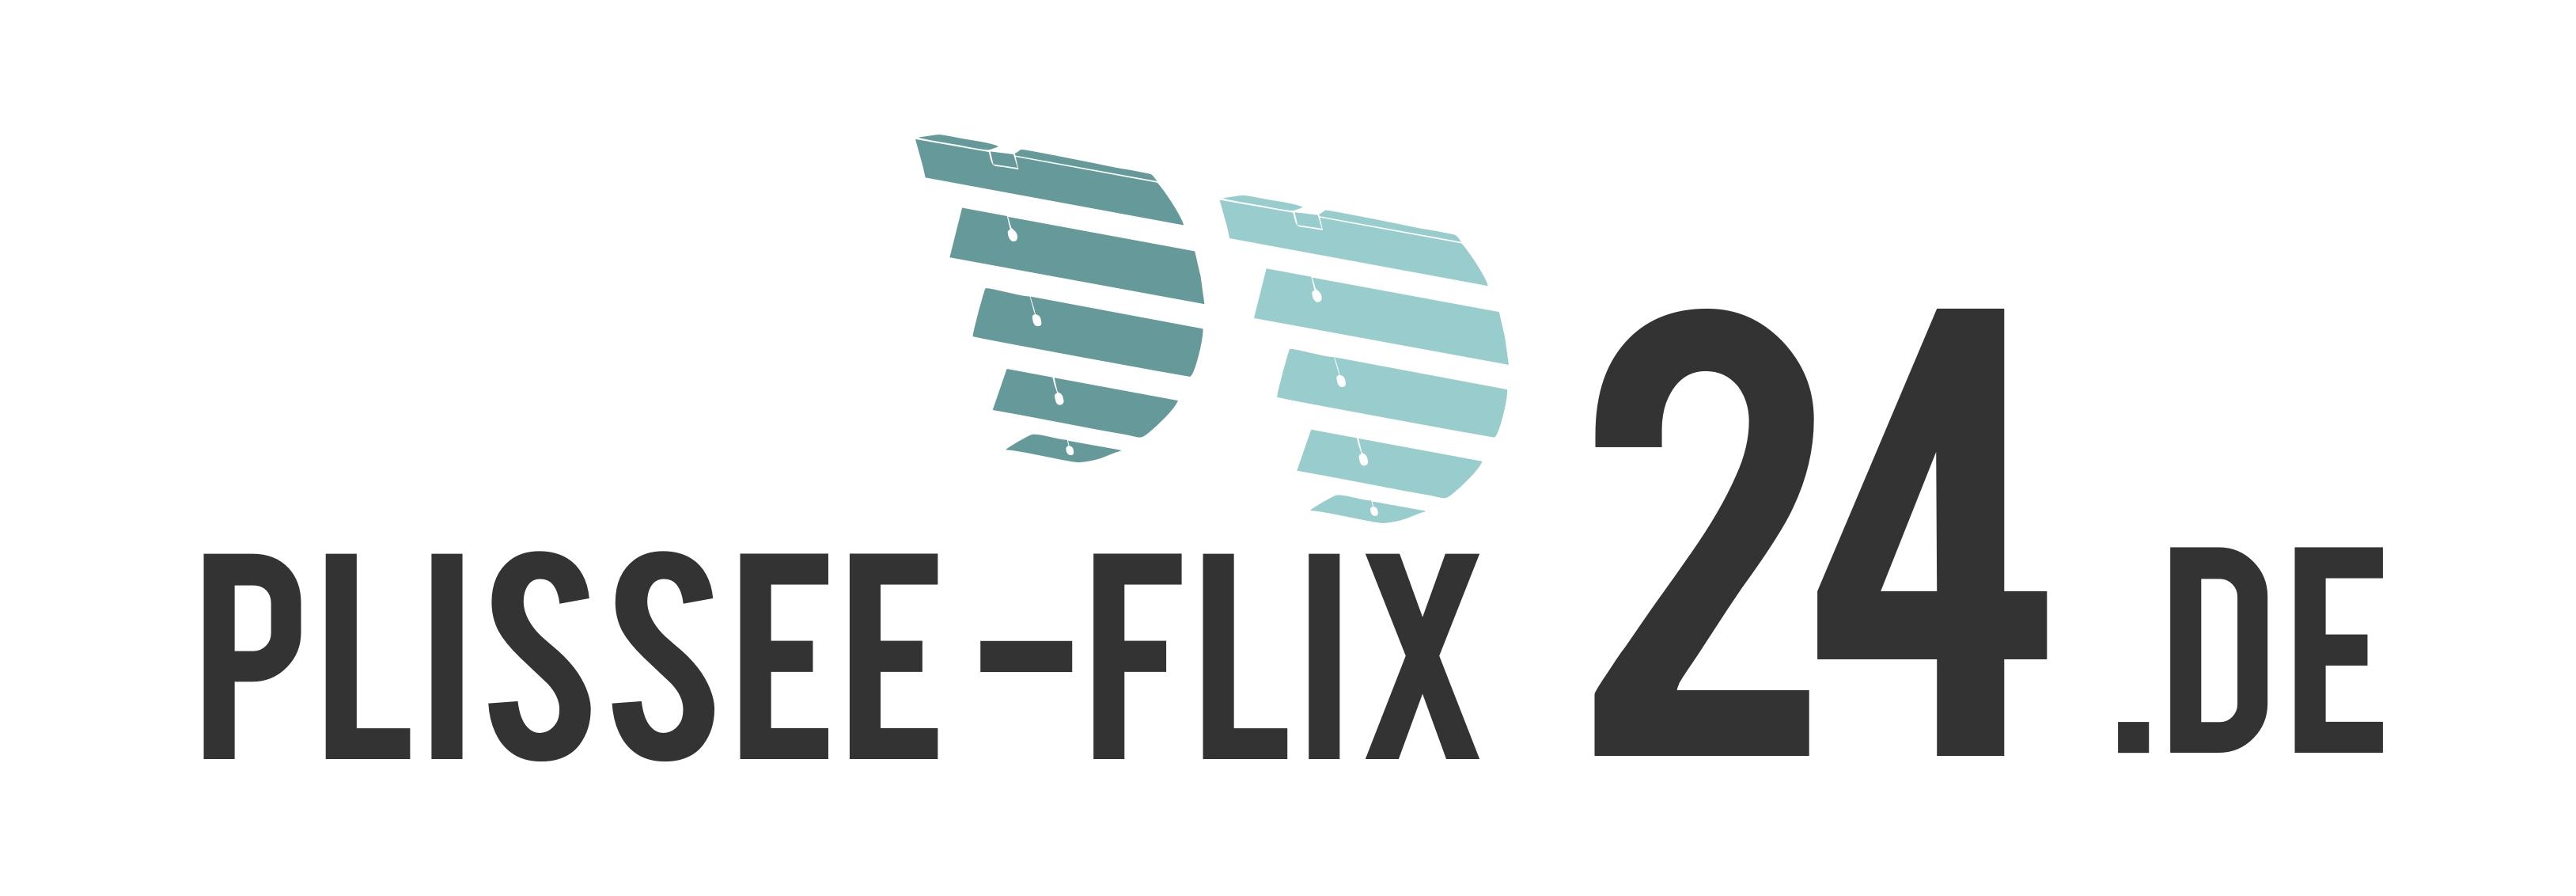 Plissee Flix 24 - zur Startseite wechseln